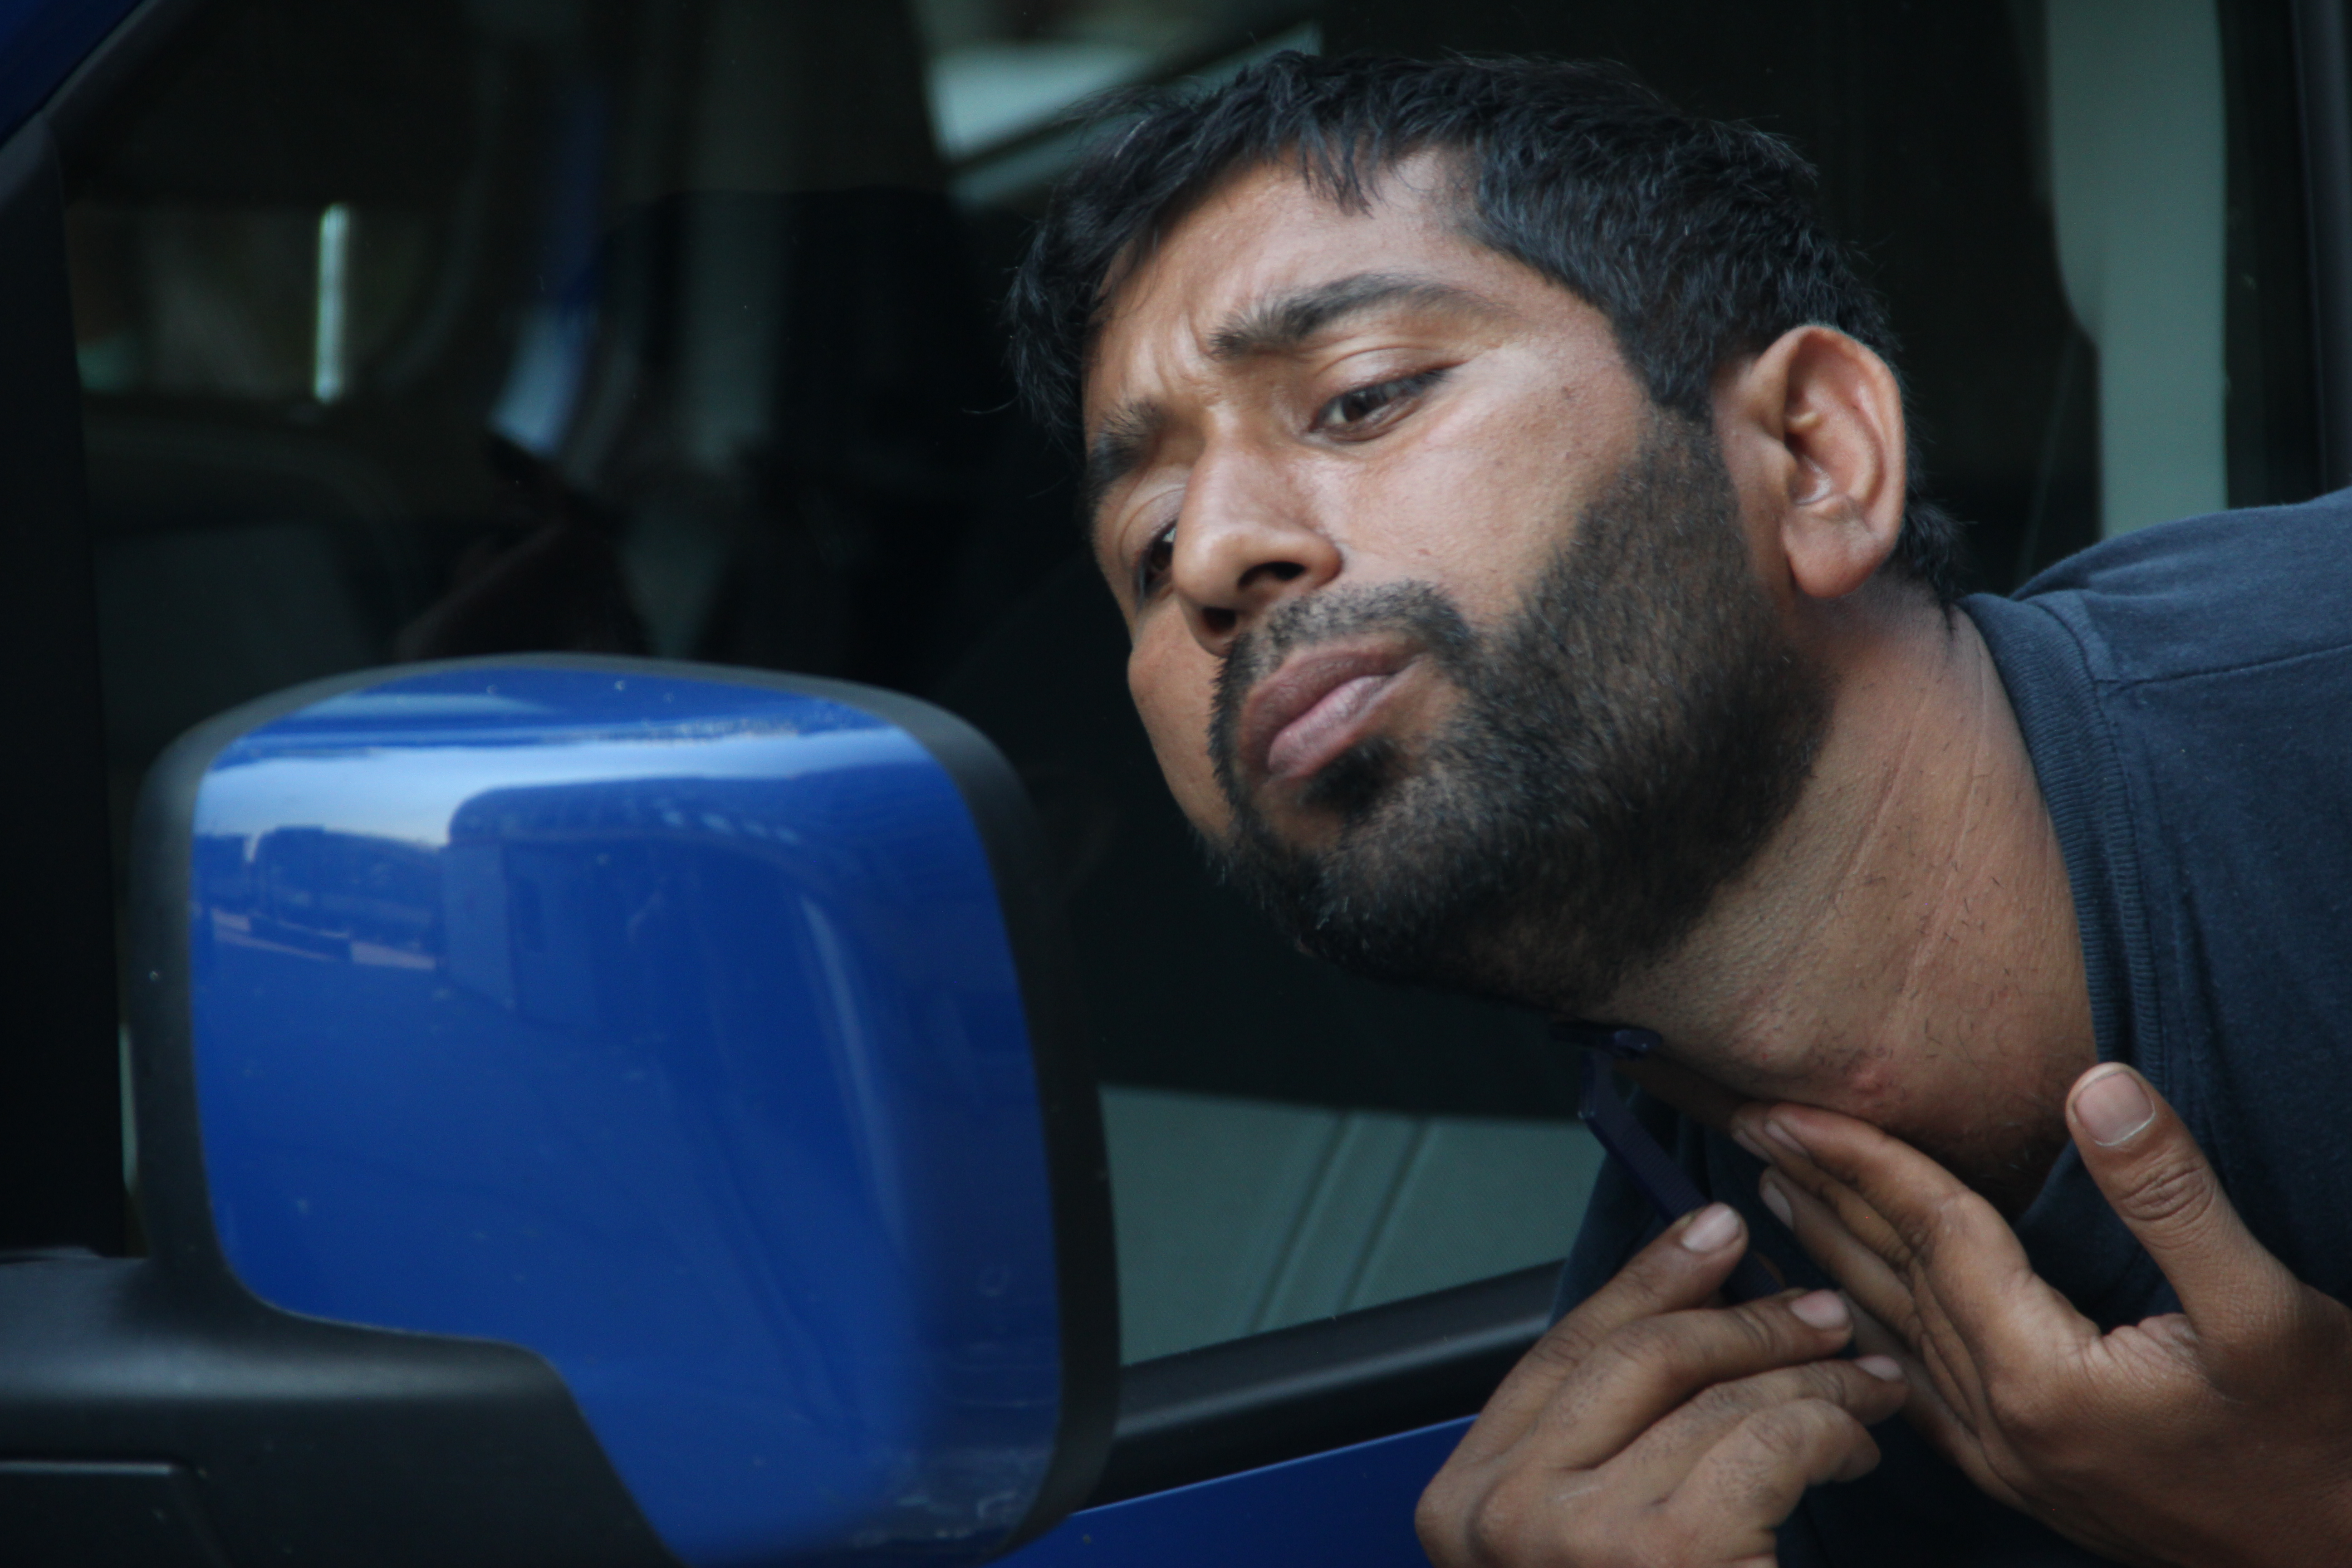 Így borotválkozik egy menekült